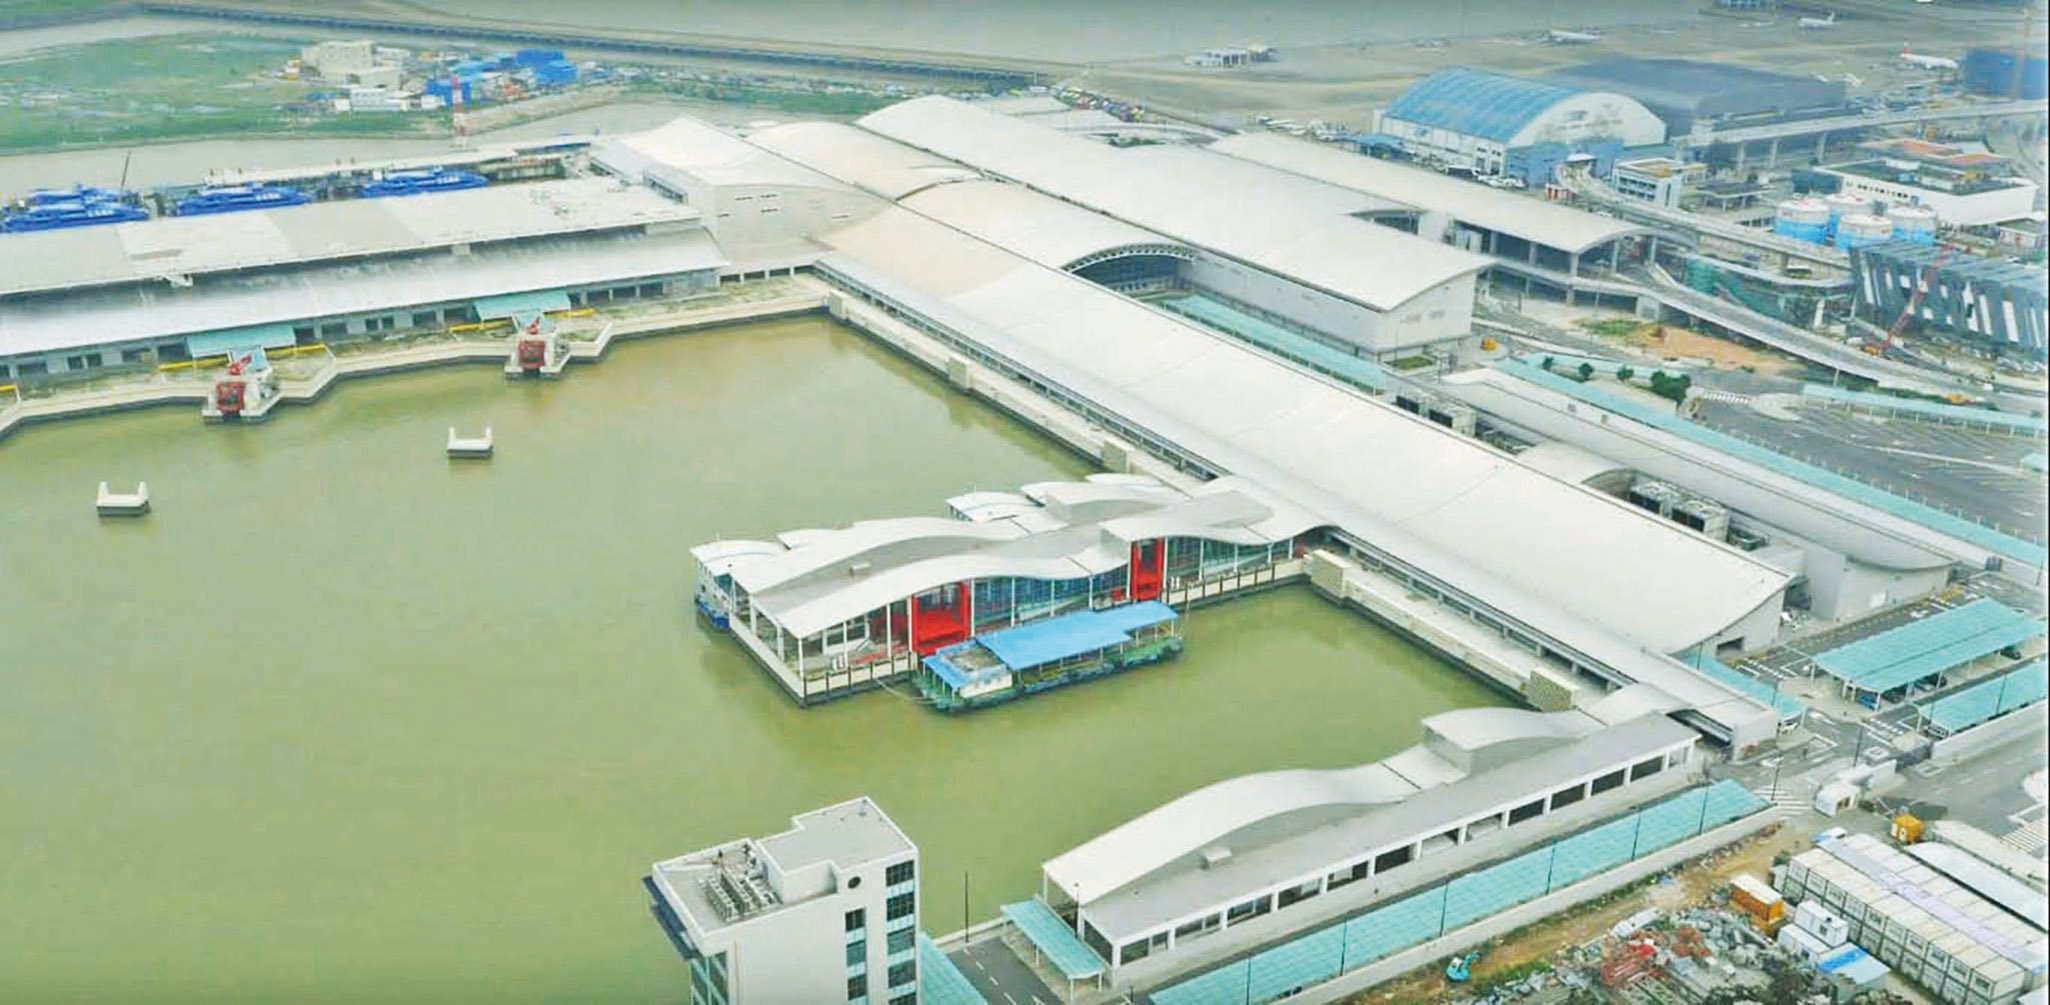 機場61個航班受影響